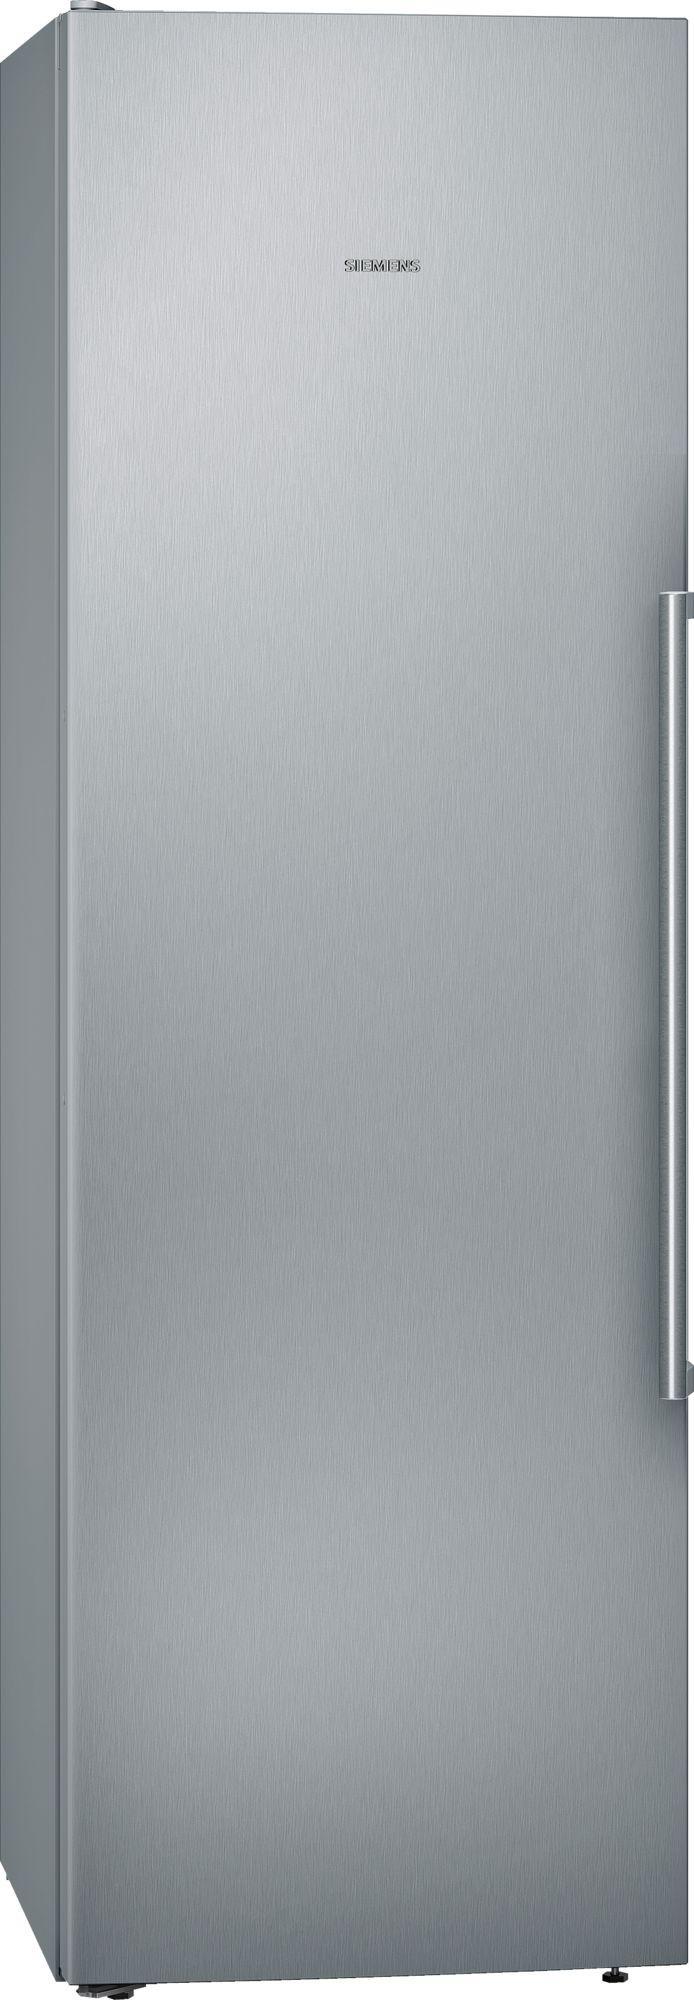 Photo Réfrigérateur 1 Porte Siemens KS36VAIEP